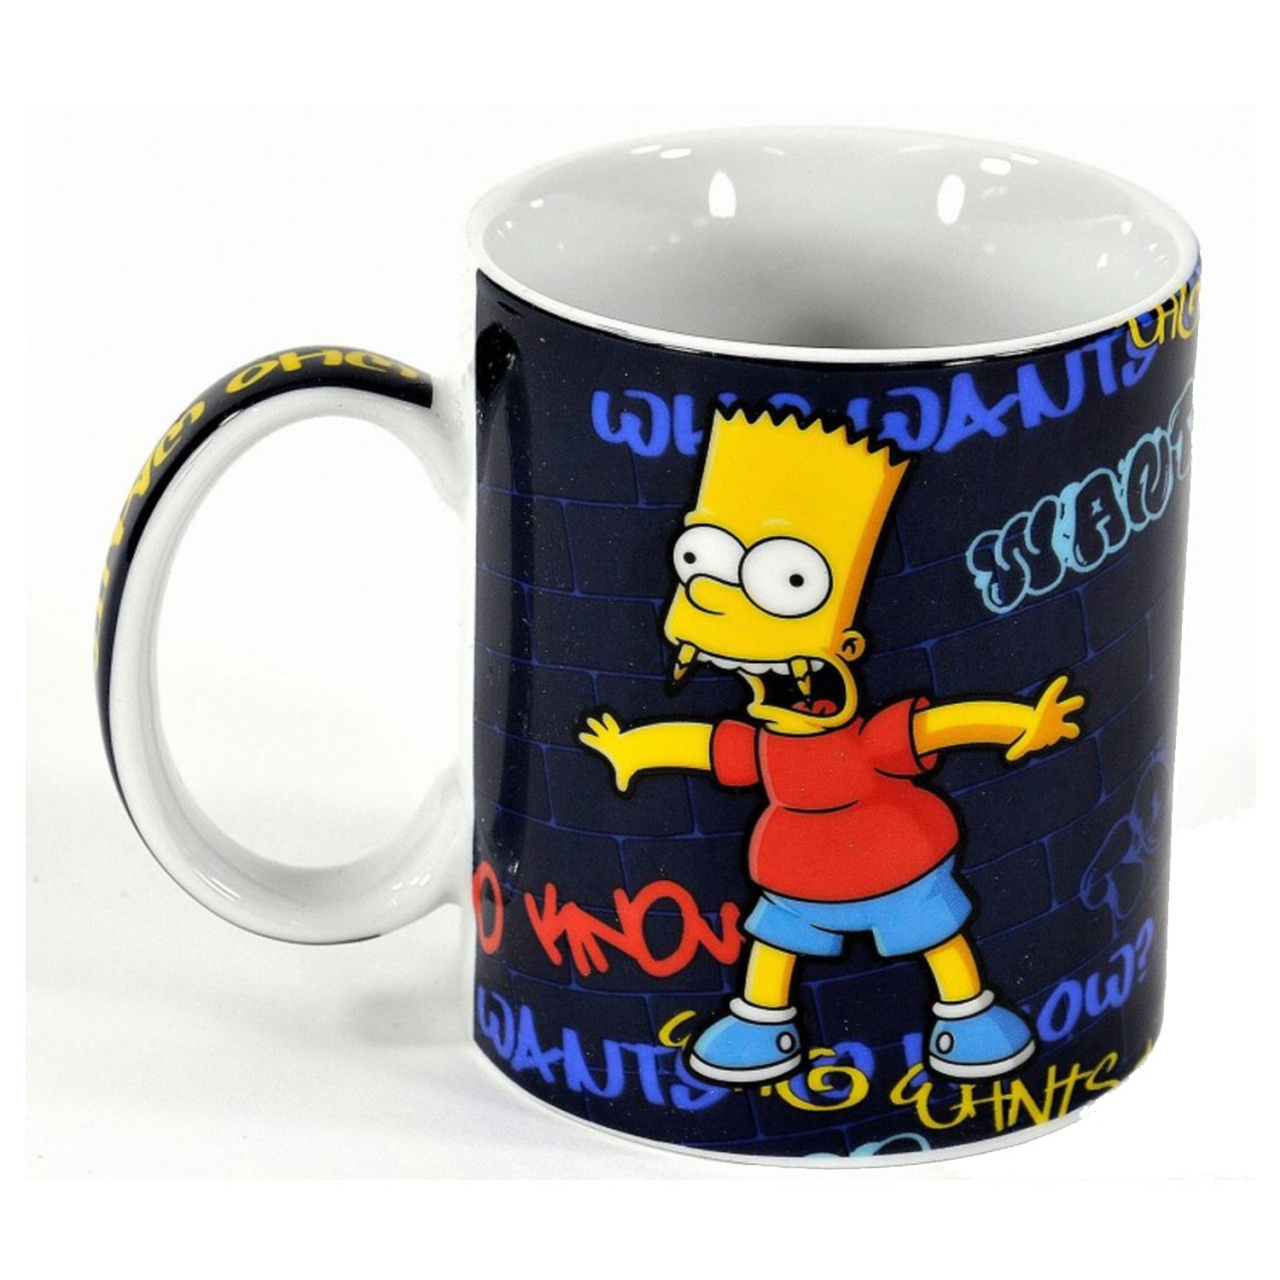 Tasse The Simpsons Tasse Bart ca 320 ml